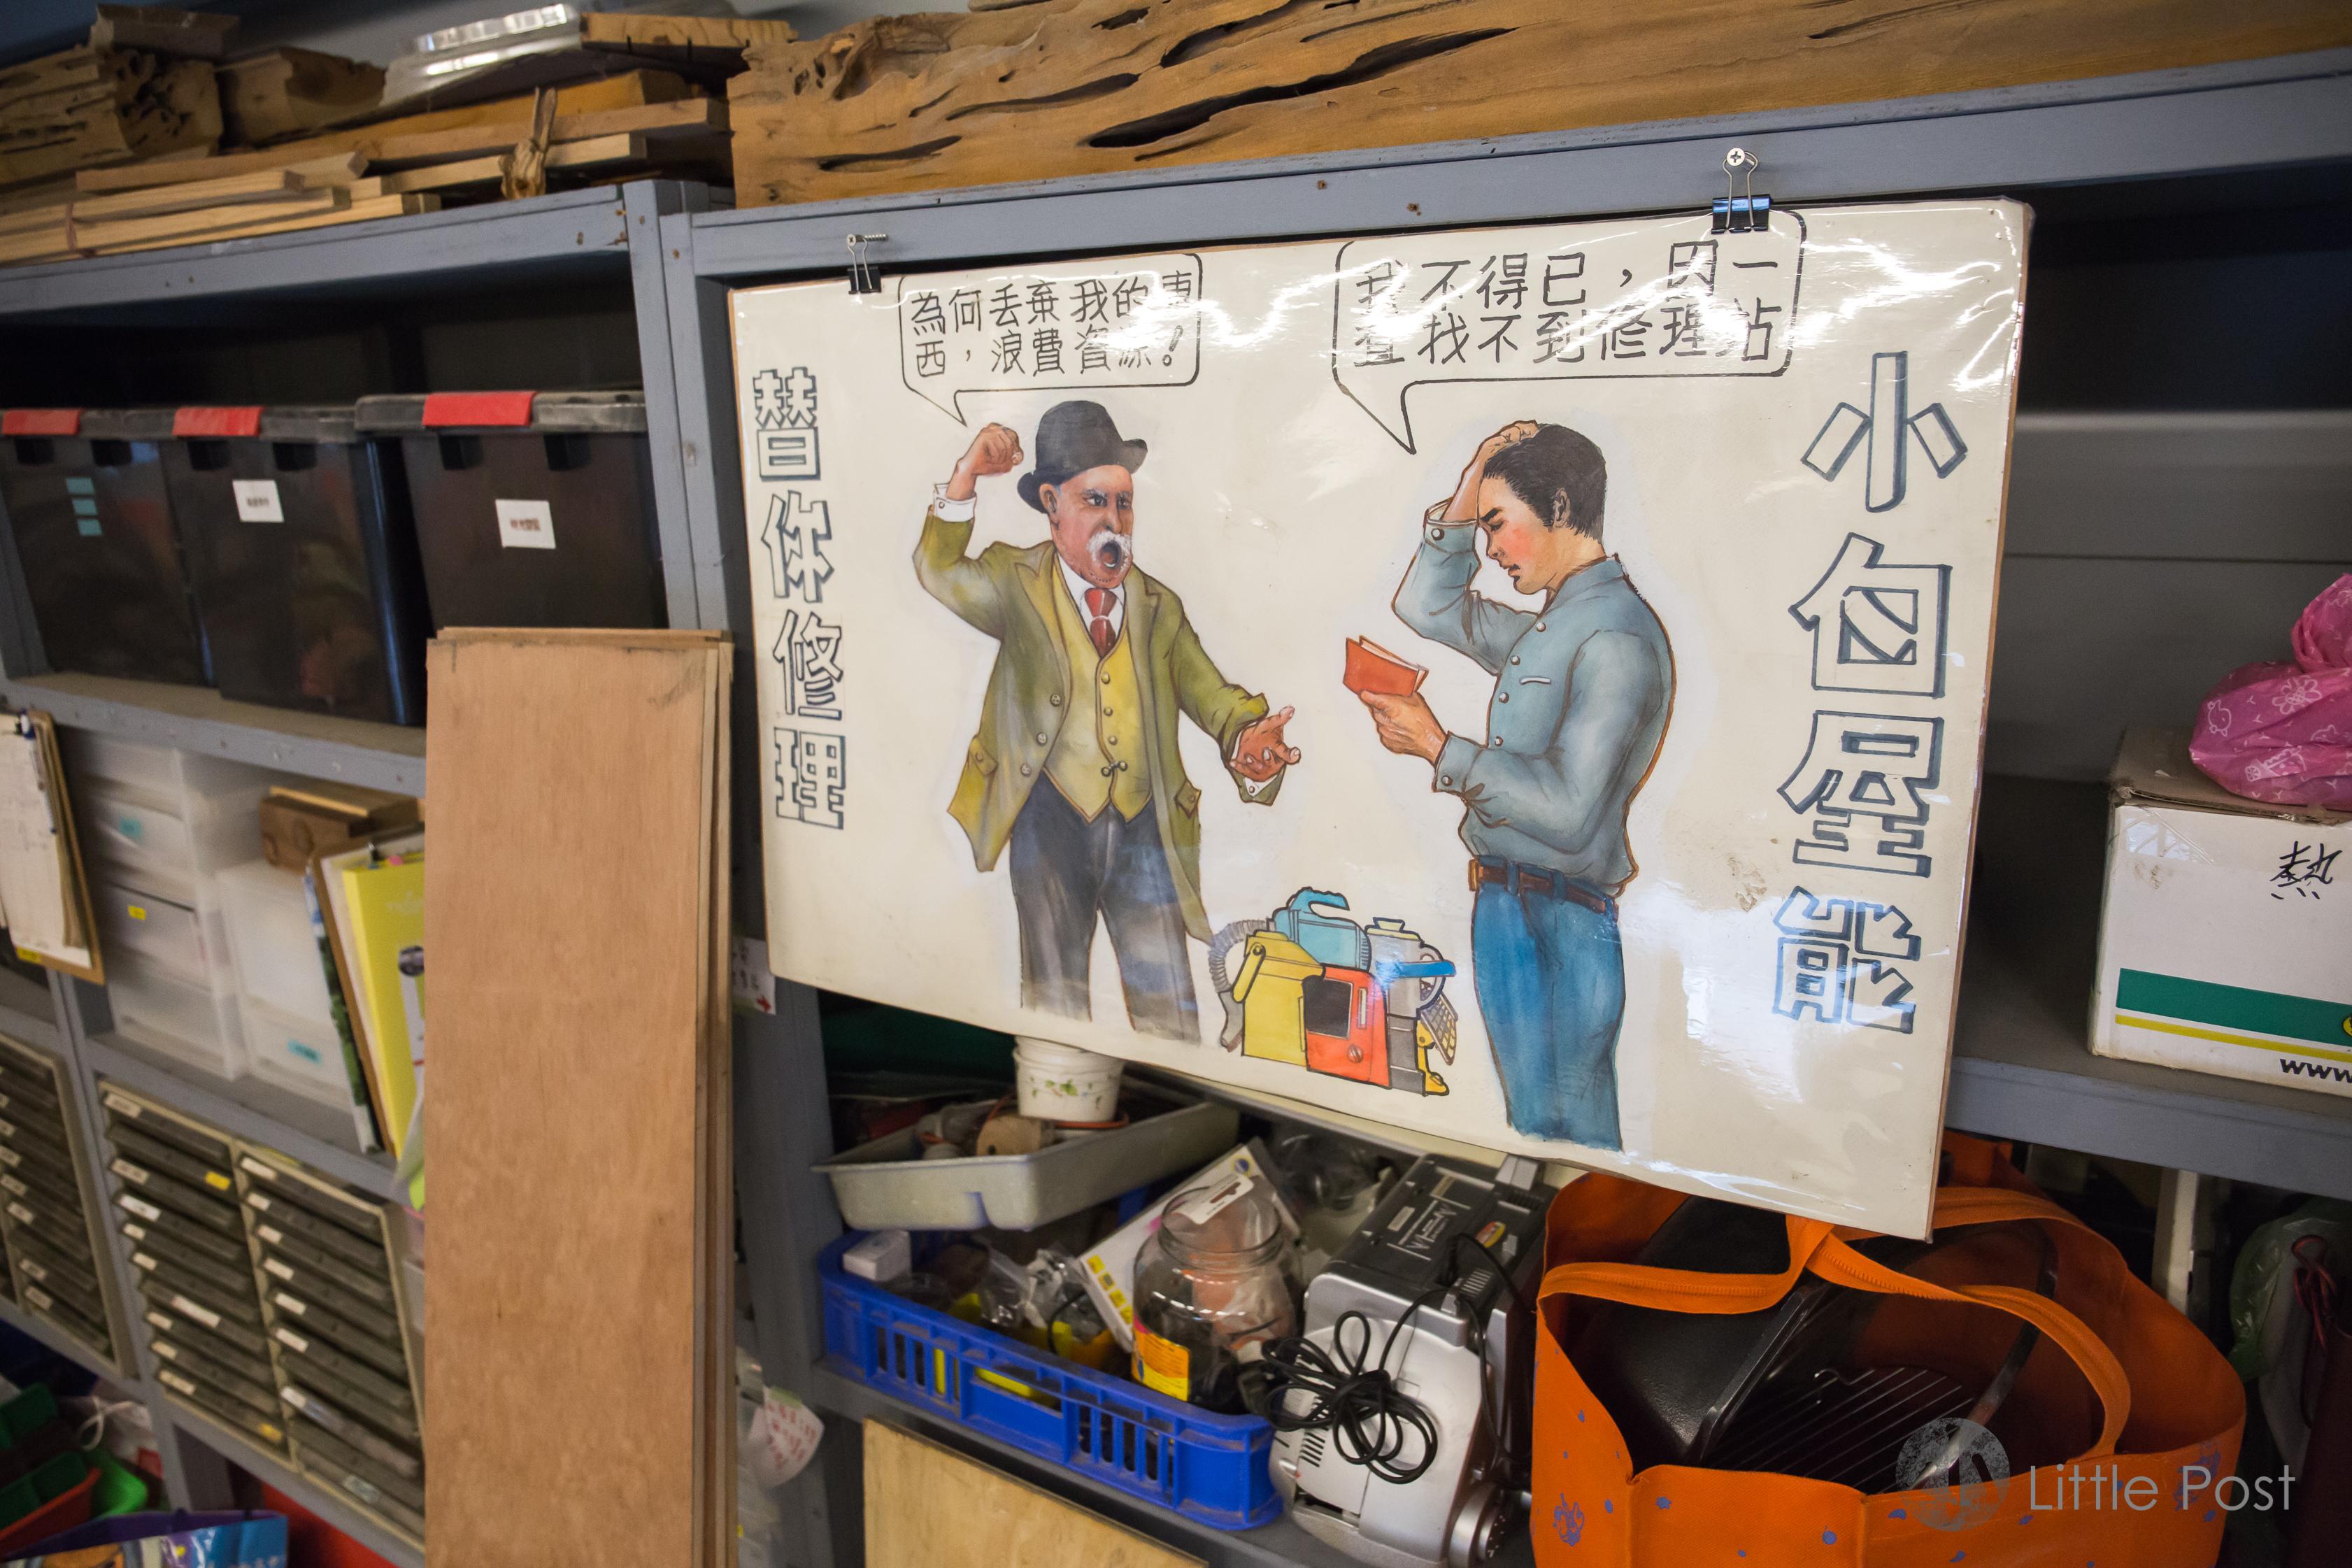 屋內掛了很多關於分享工具的漫畫。